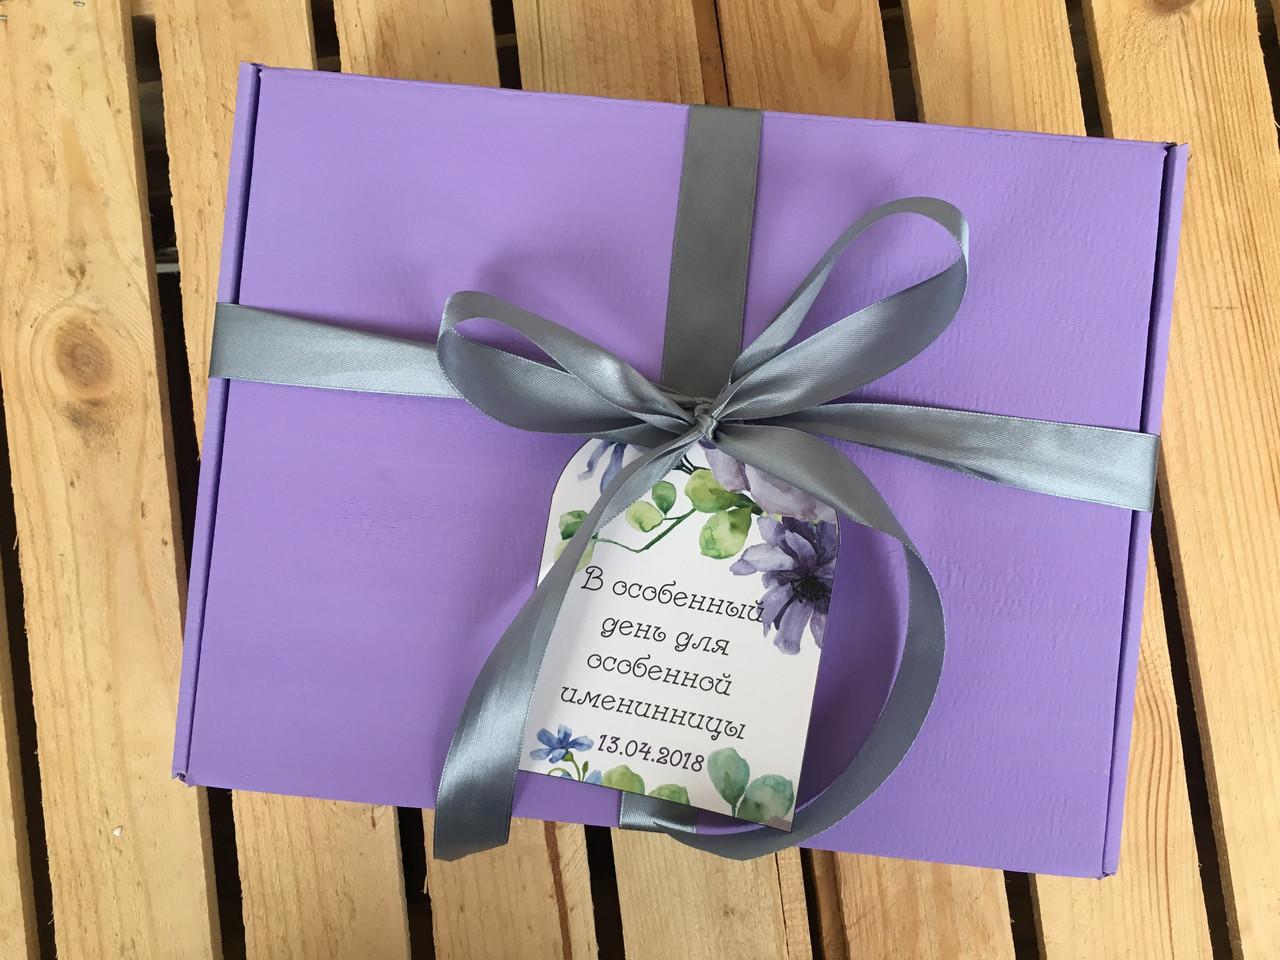 """Именной Подарок Подруге на День Рождения — в Категории """"Вкусные Подарки"""" на Bigl.ua (987148000)"""